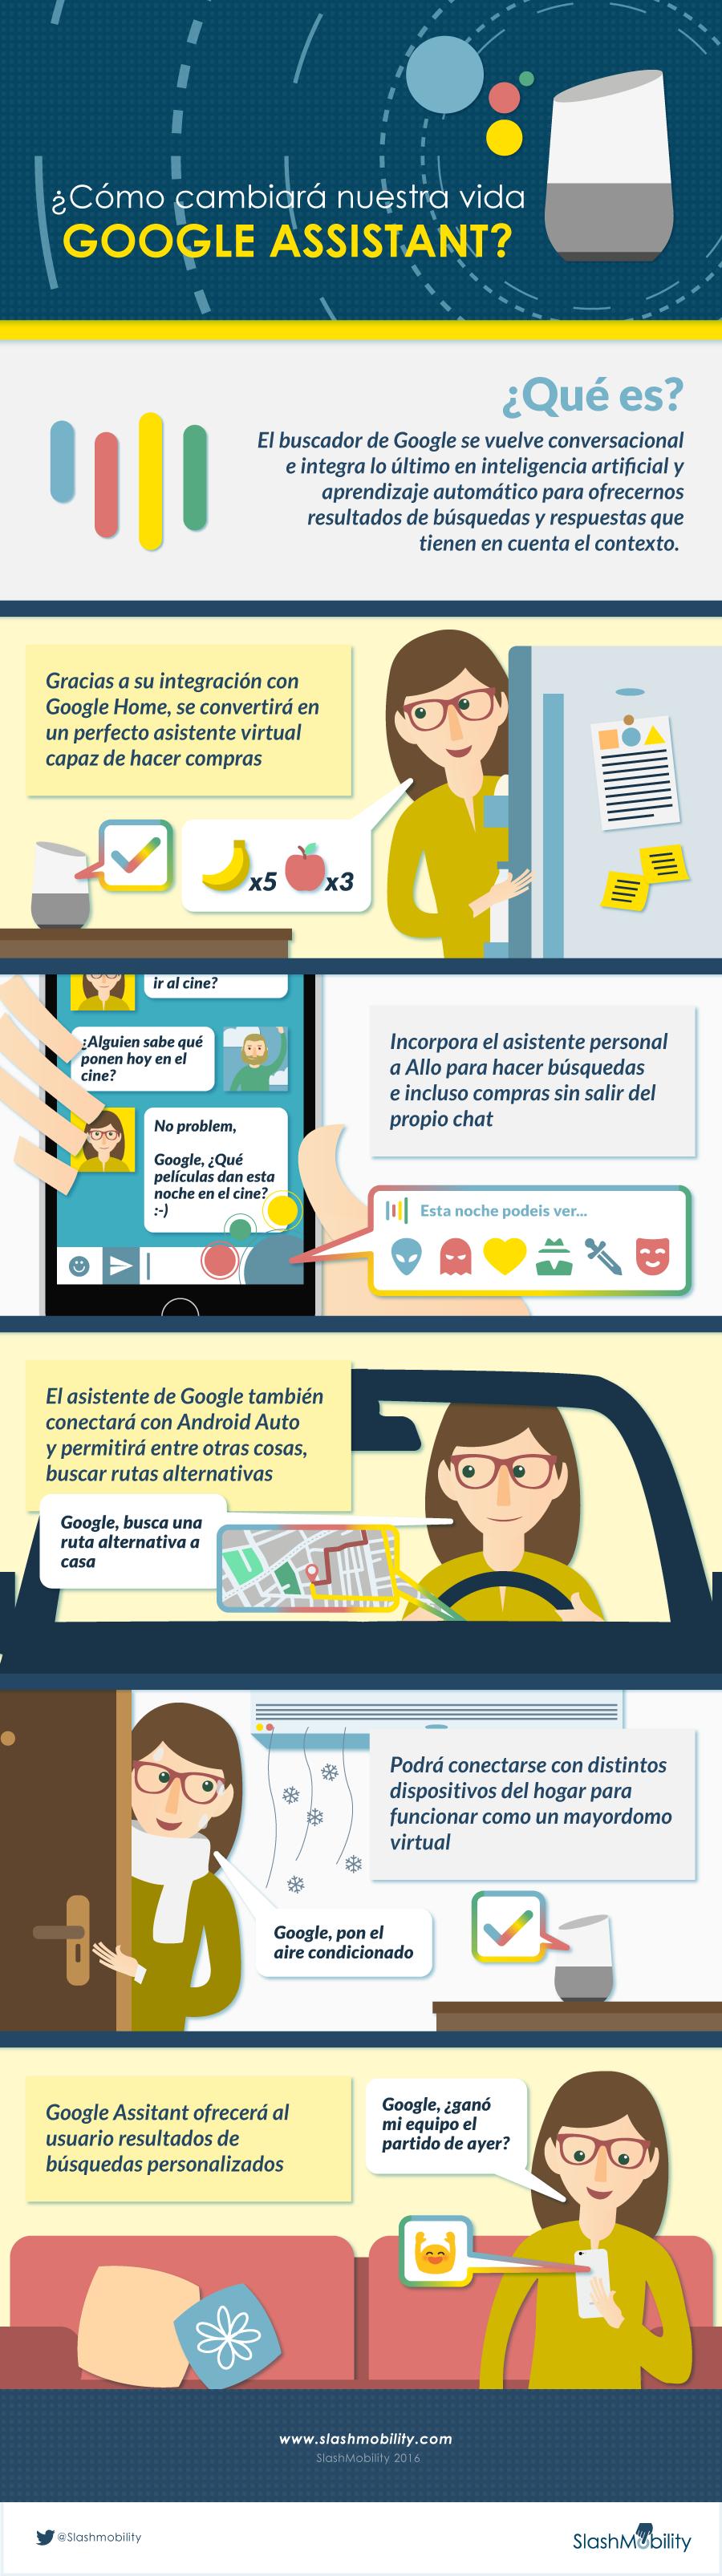 google assitant infografia